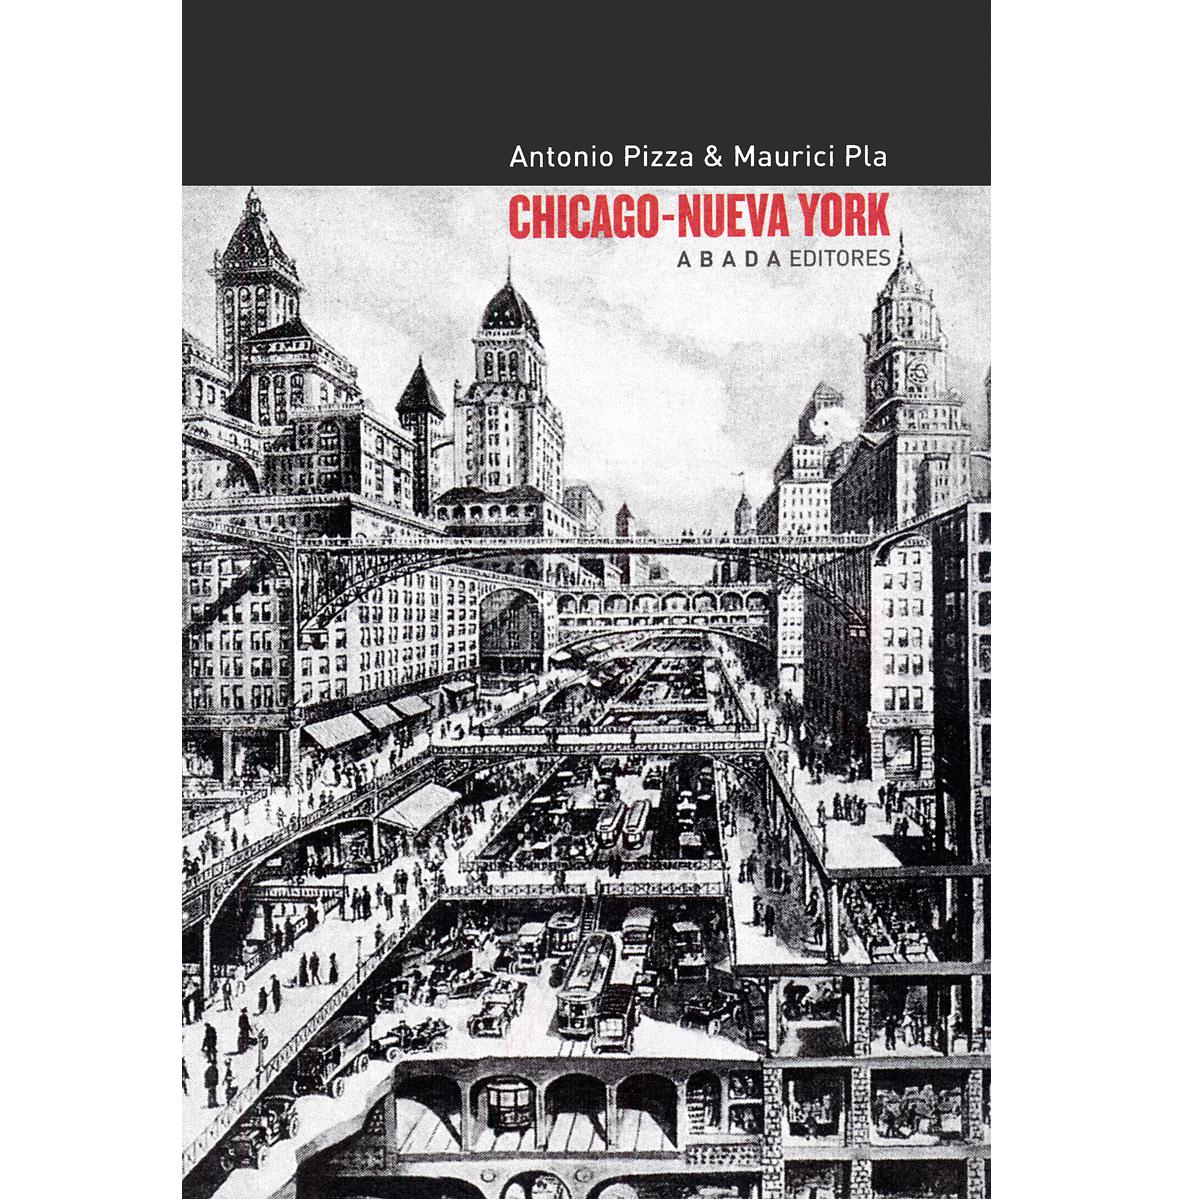 Chicago-Nueva York